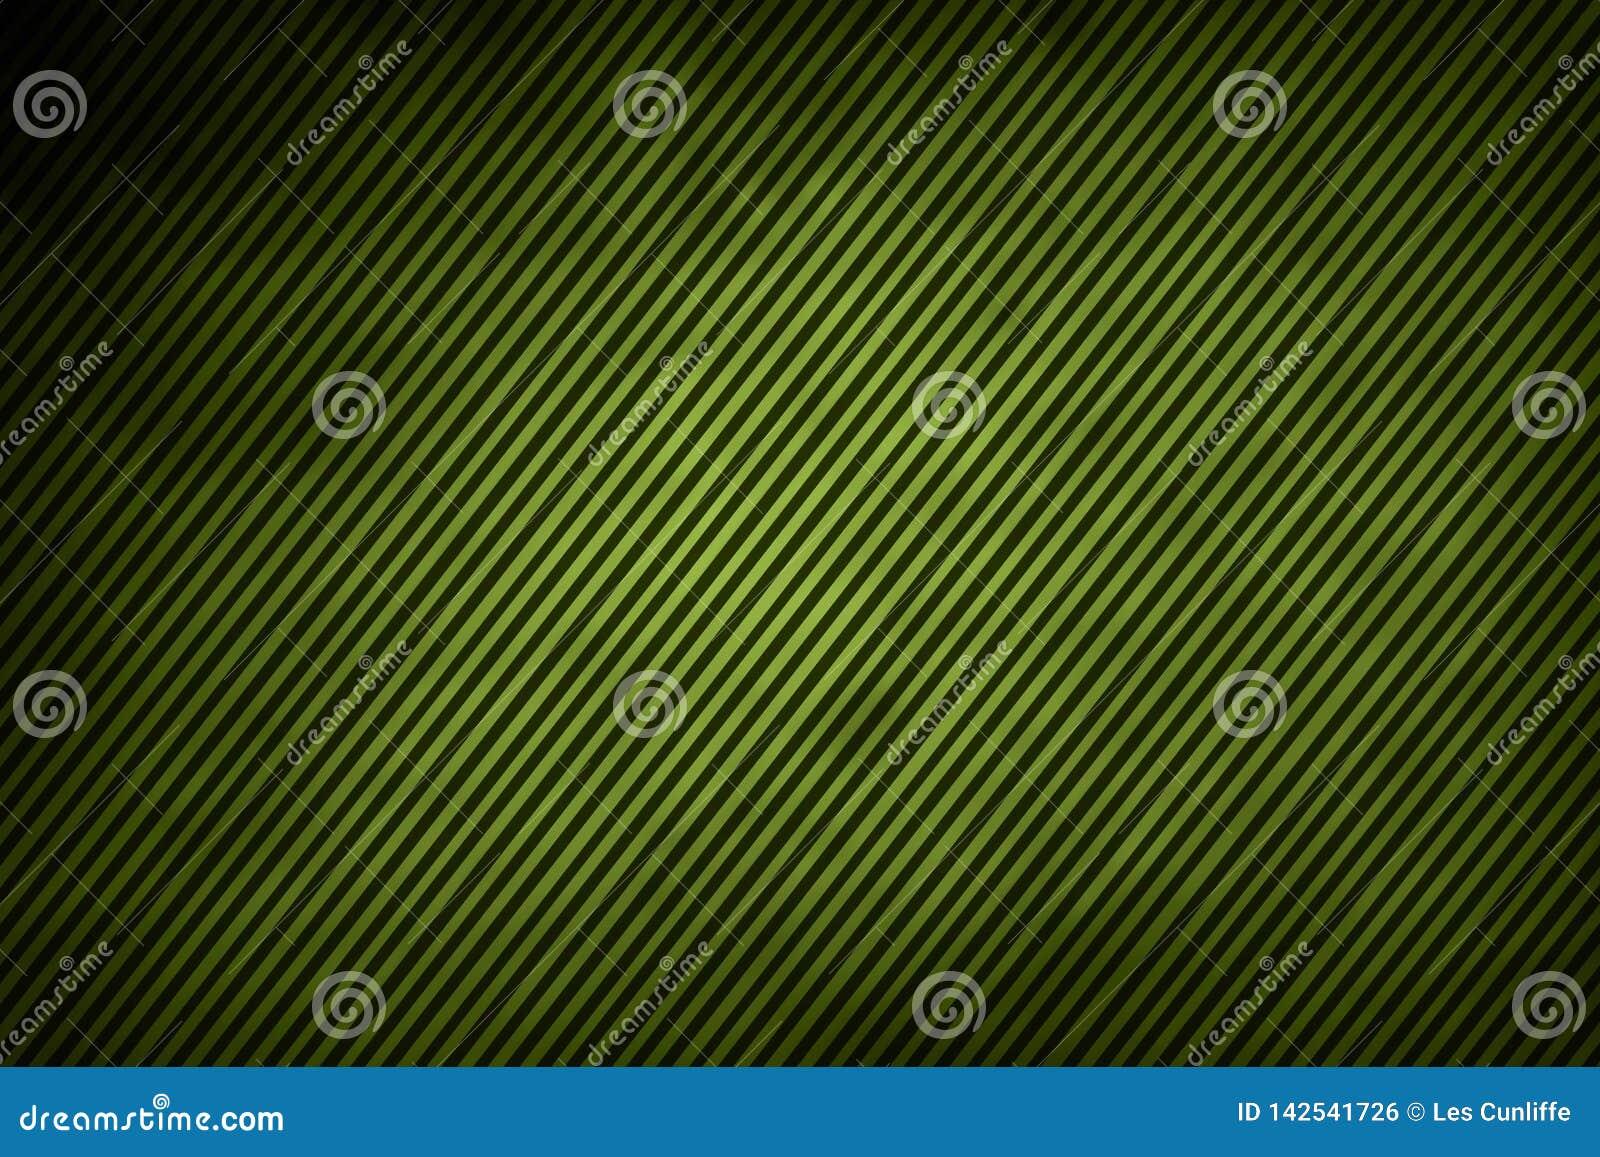 Lijnen op groen